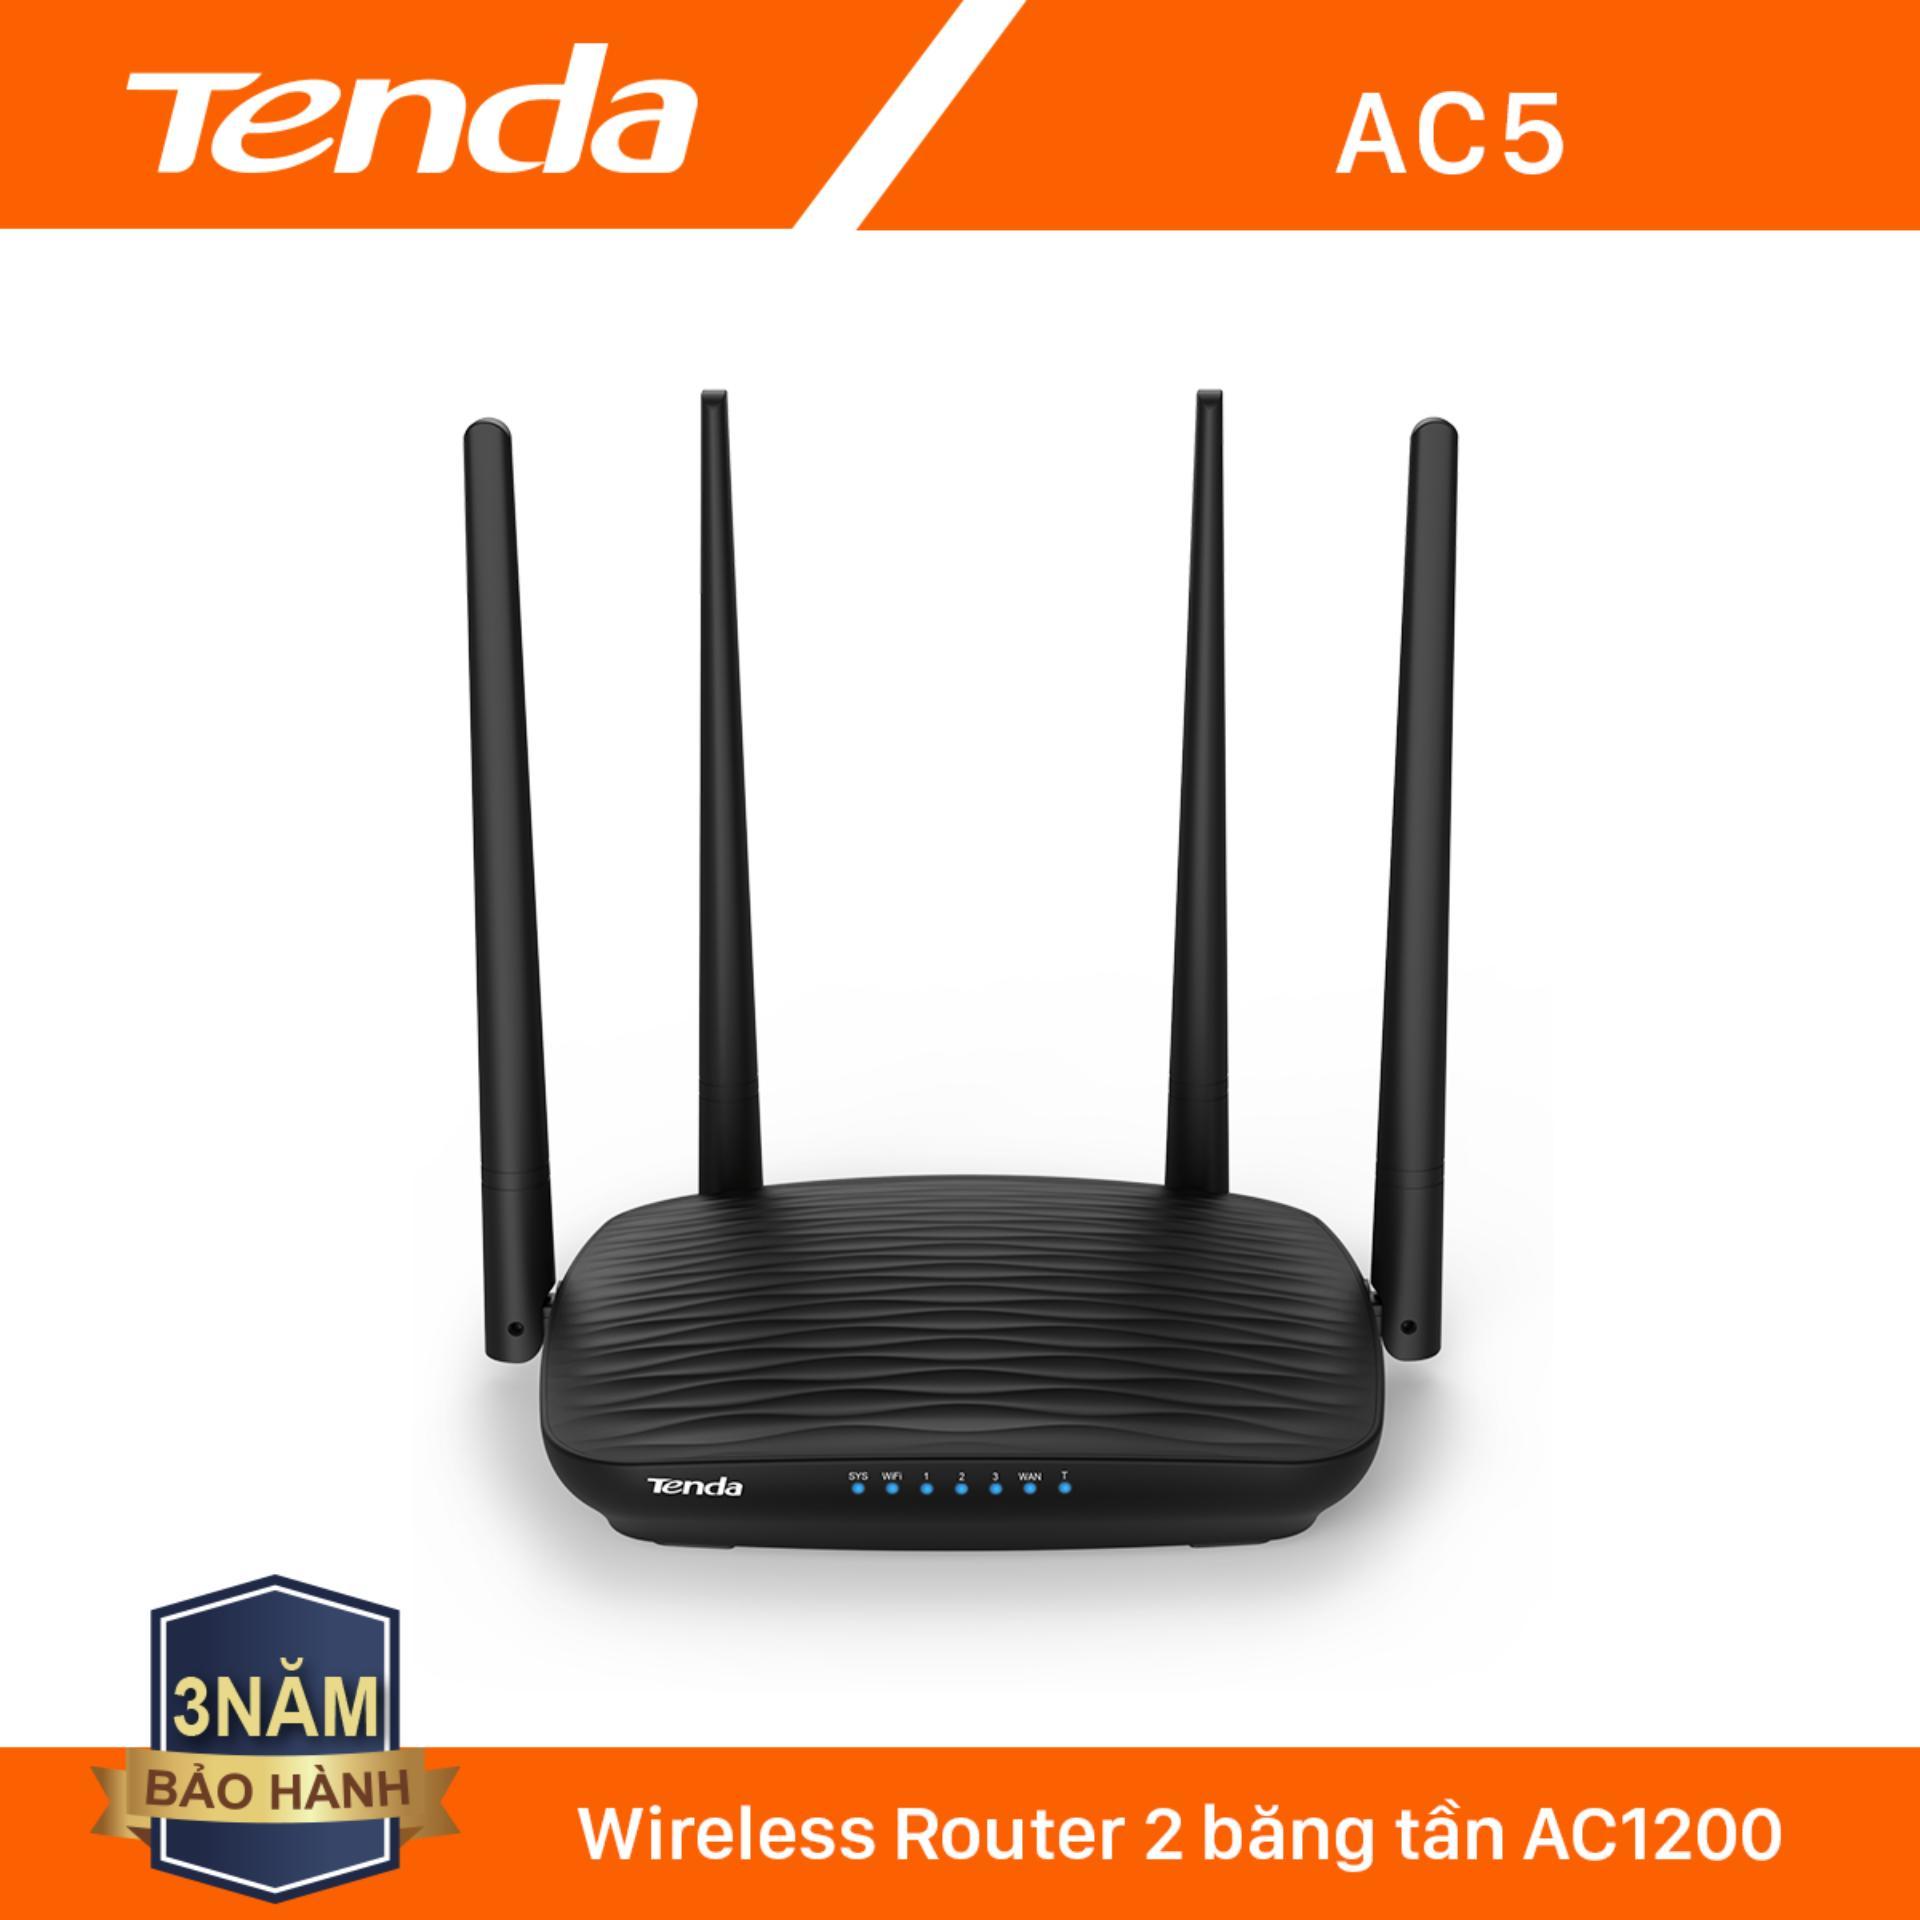 Giá Tenda Thiết bị phát Wifi AC5 Chuẩn AC 1200Mbps - Hãng phân phối chính thức